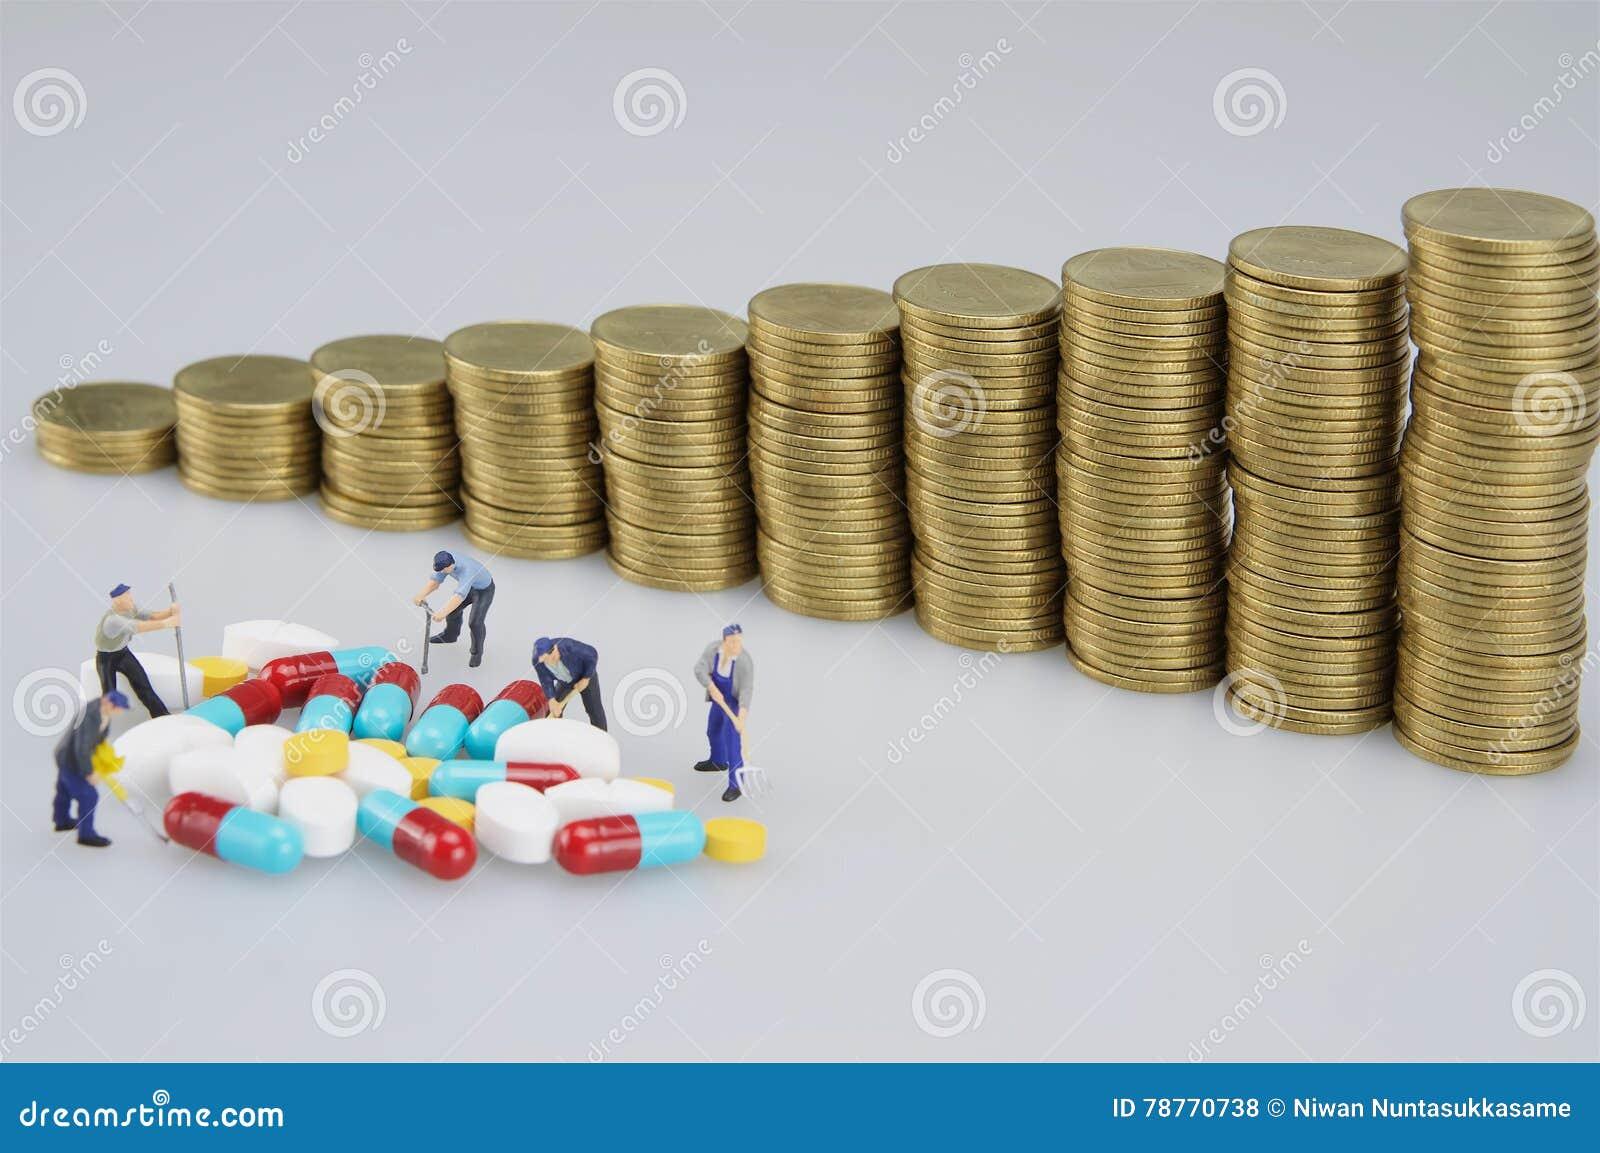 Miniaturleute sind zerstörte Medizin